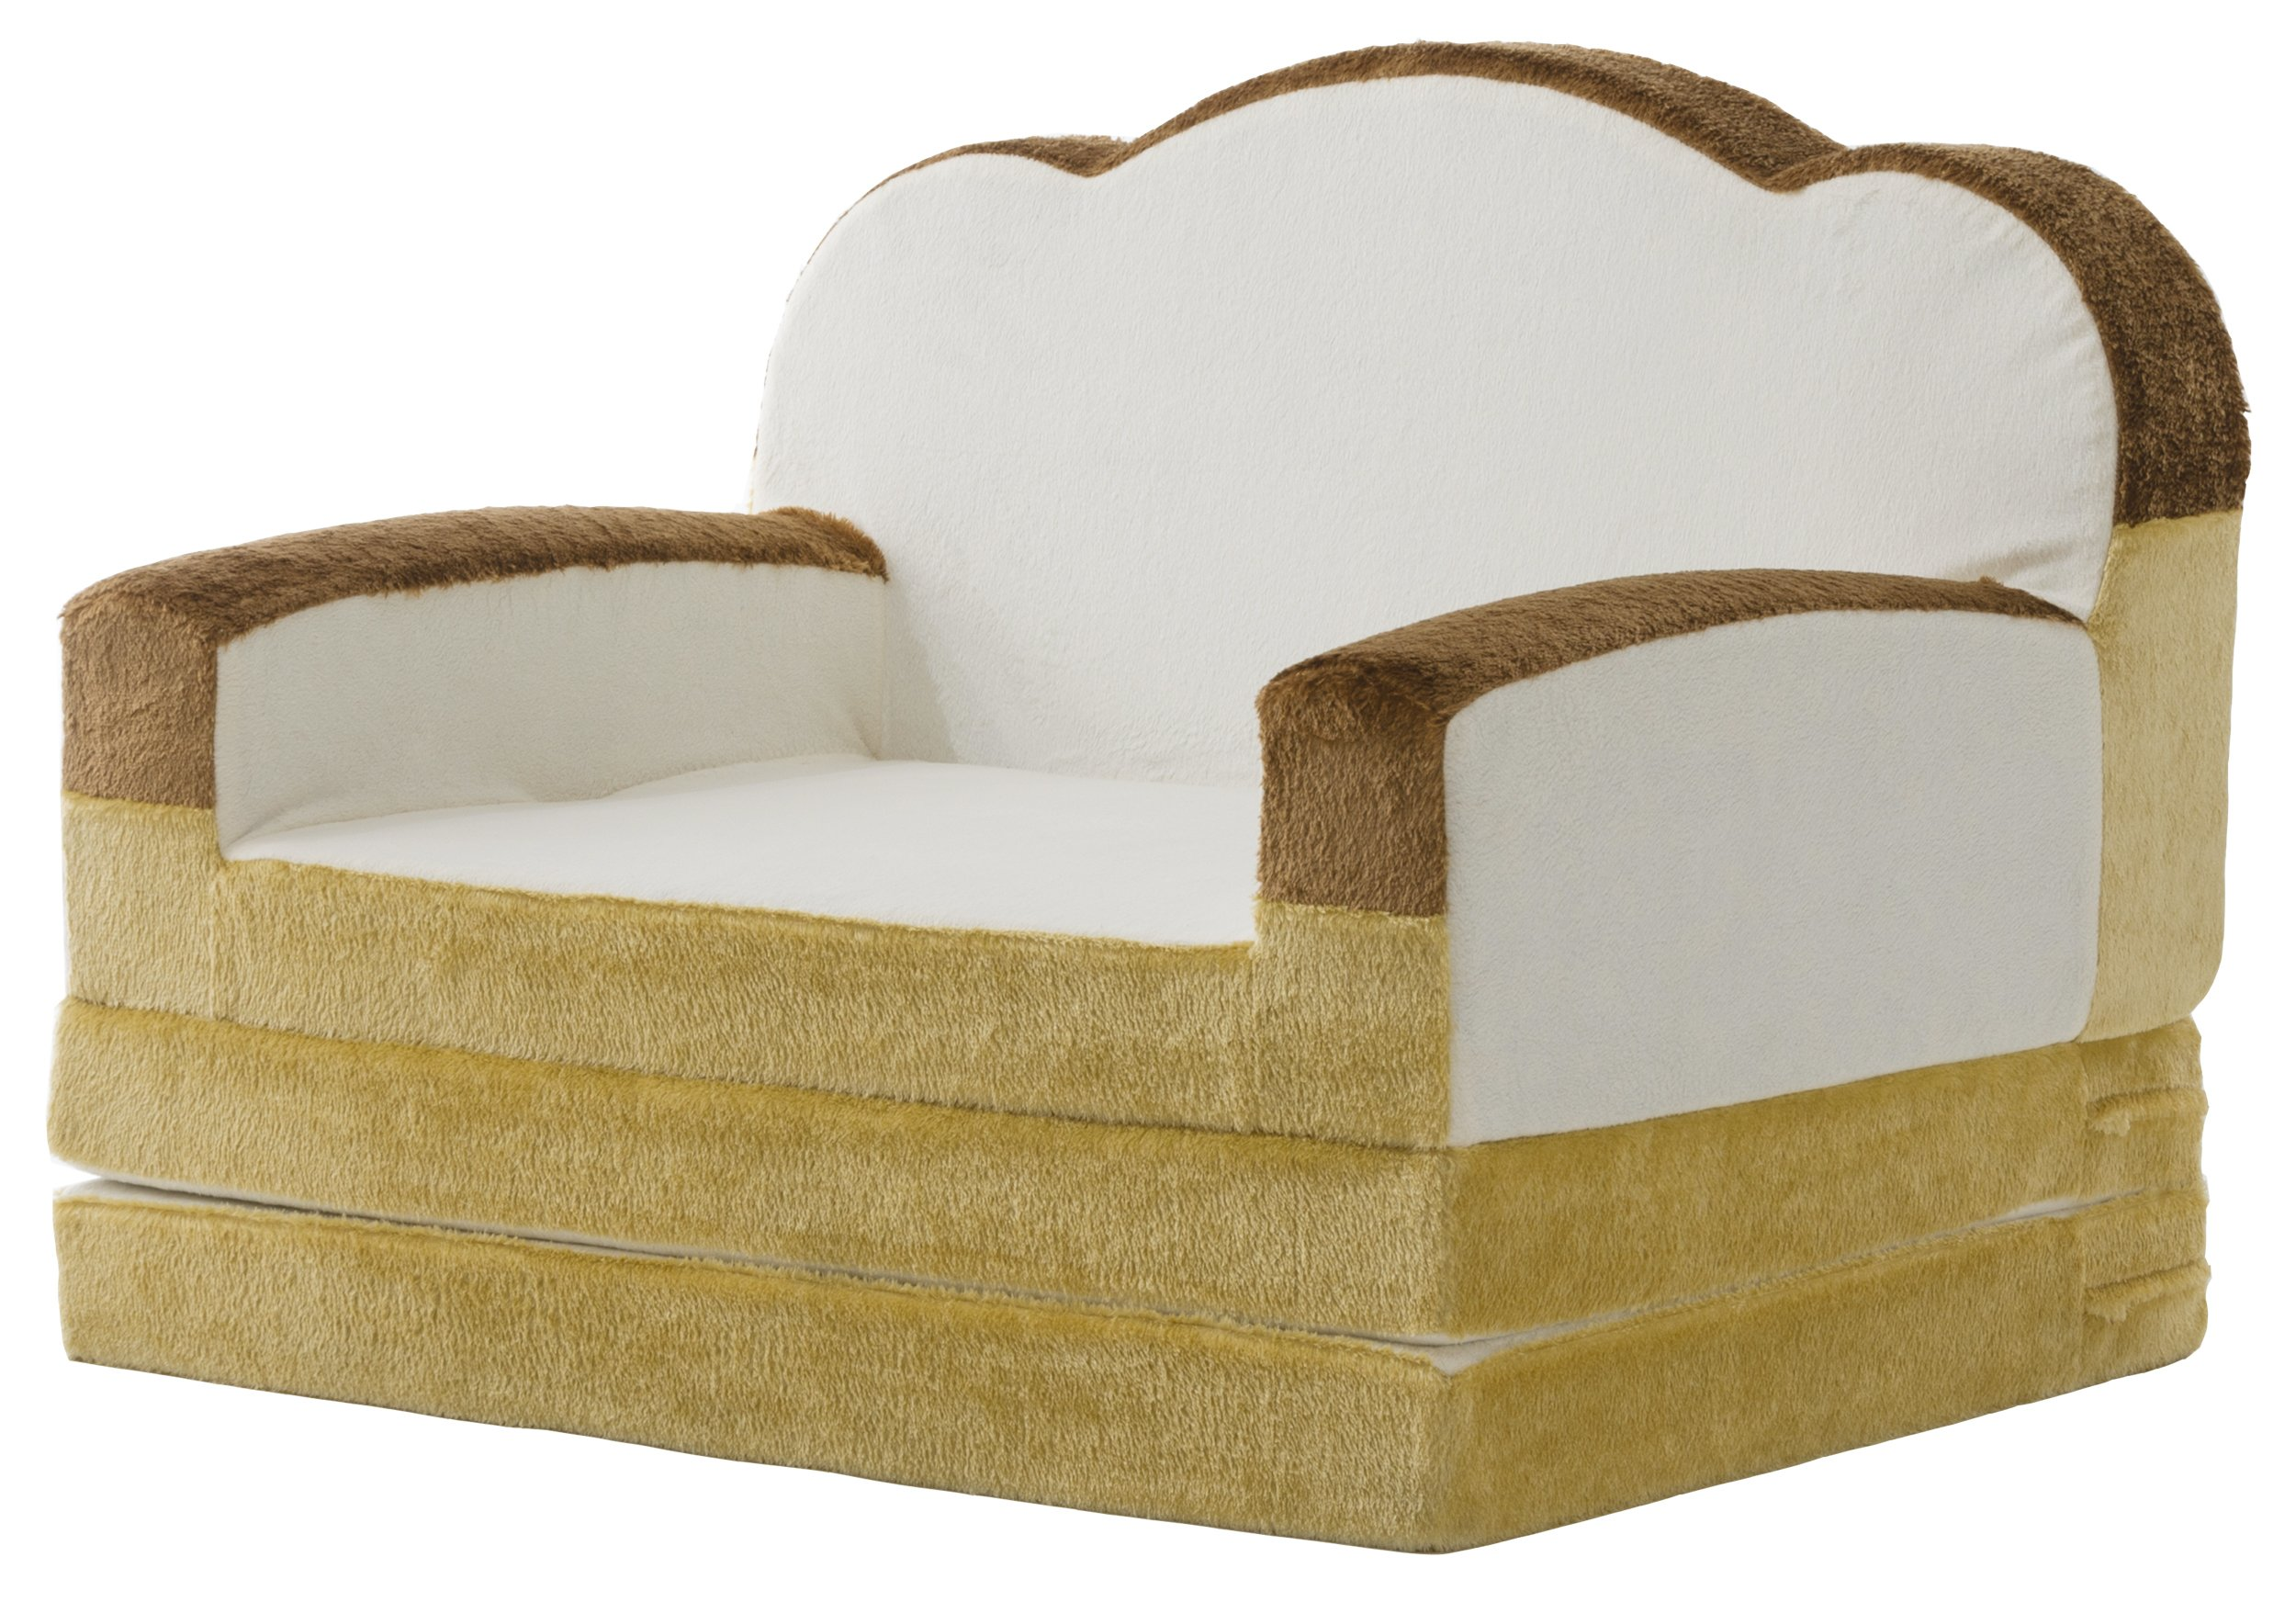 セルタン 日本製 低反発 食パン ソファーベッド 折畳マット 一人掛け 日本製 A399a-359WH/515BE/516BR